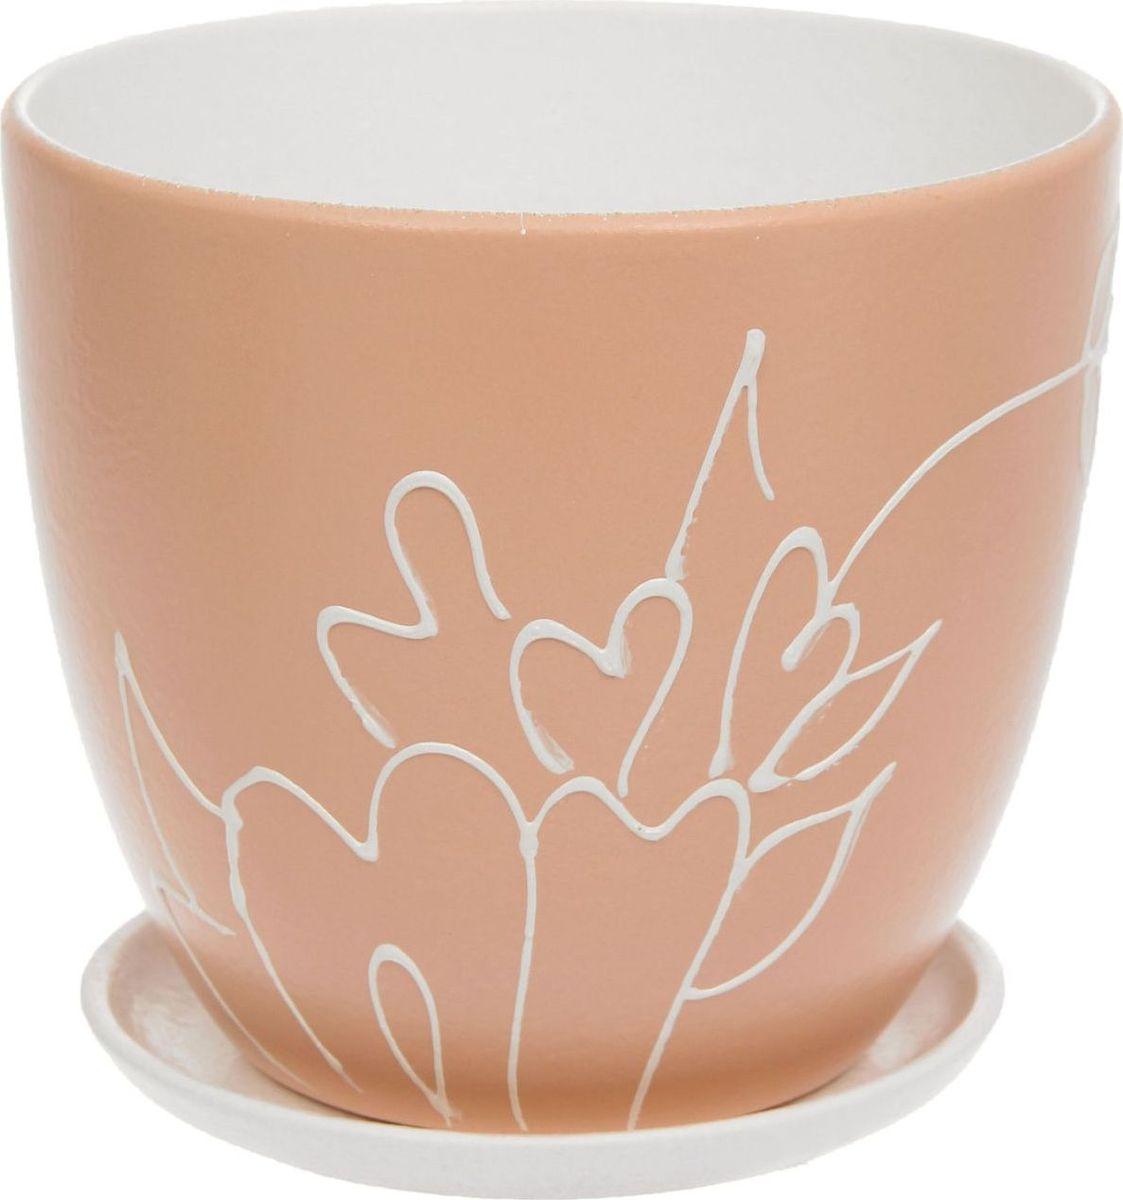 Кашпо Кураж, цвет: бежевый, 2,6 л1138615Комнатные растения — всеобщие любимцы. Они радуют глаз, насыщают помещение кислородом и украшают пространство. Каждому из них необходим свой удобный и красивый дом. Кашпо из керамики прекрасно подходят для высадки растений: за счет пластичности глины и разных способов обработки существует великое множество форм и дизайнов пористый материал позволяет испаряться лишней влаге воздух, необходимый для дыхания корней, проникает сквозь керамические стенки! позаботится о зеленом питомце, освежит интерьер и подчеркнет его стиль.